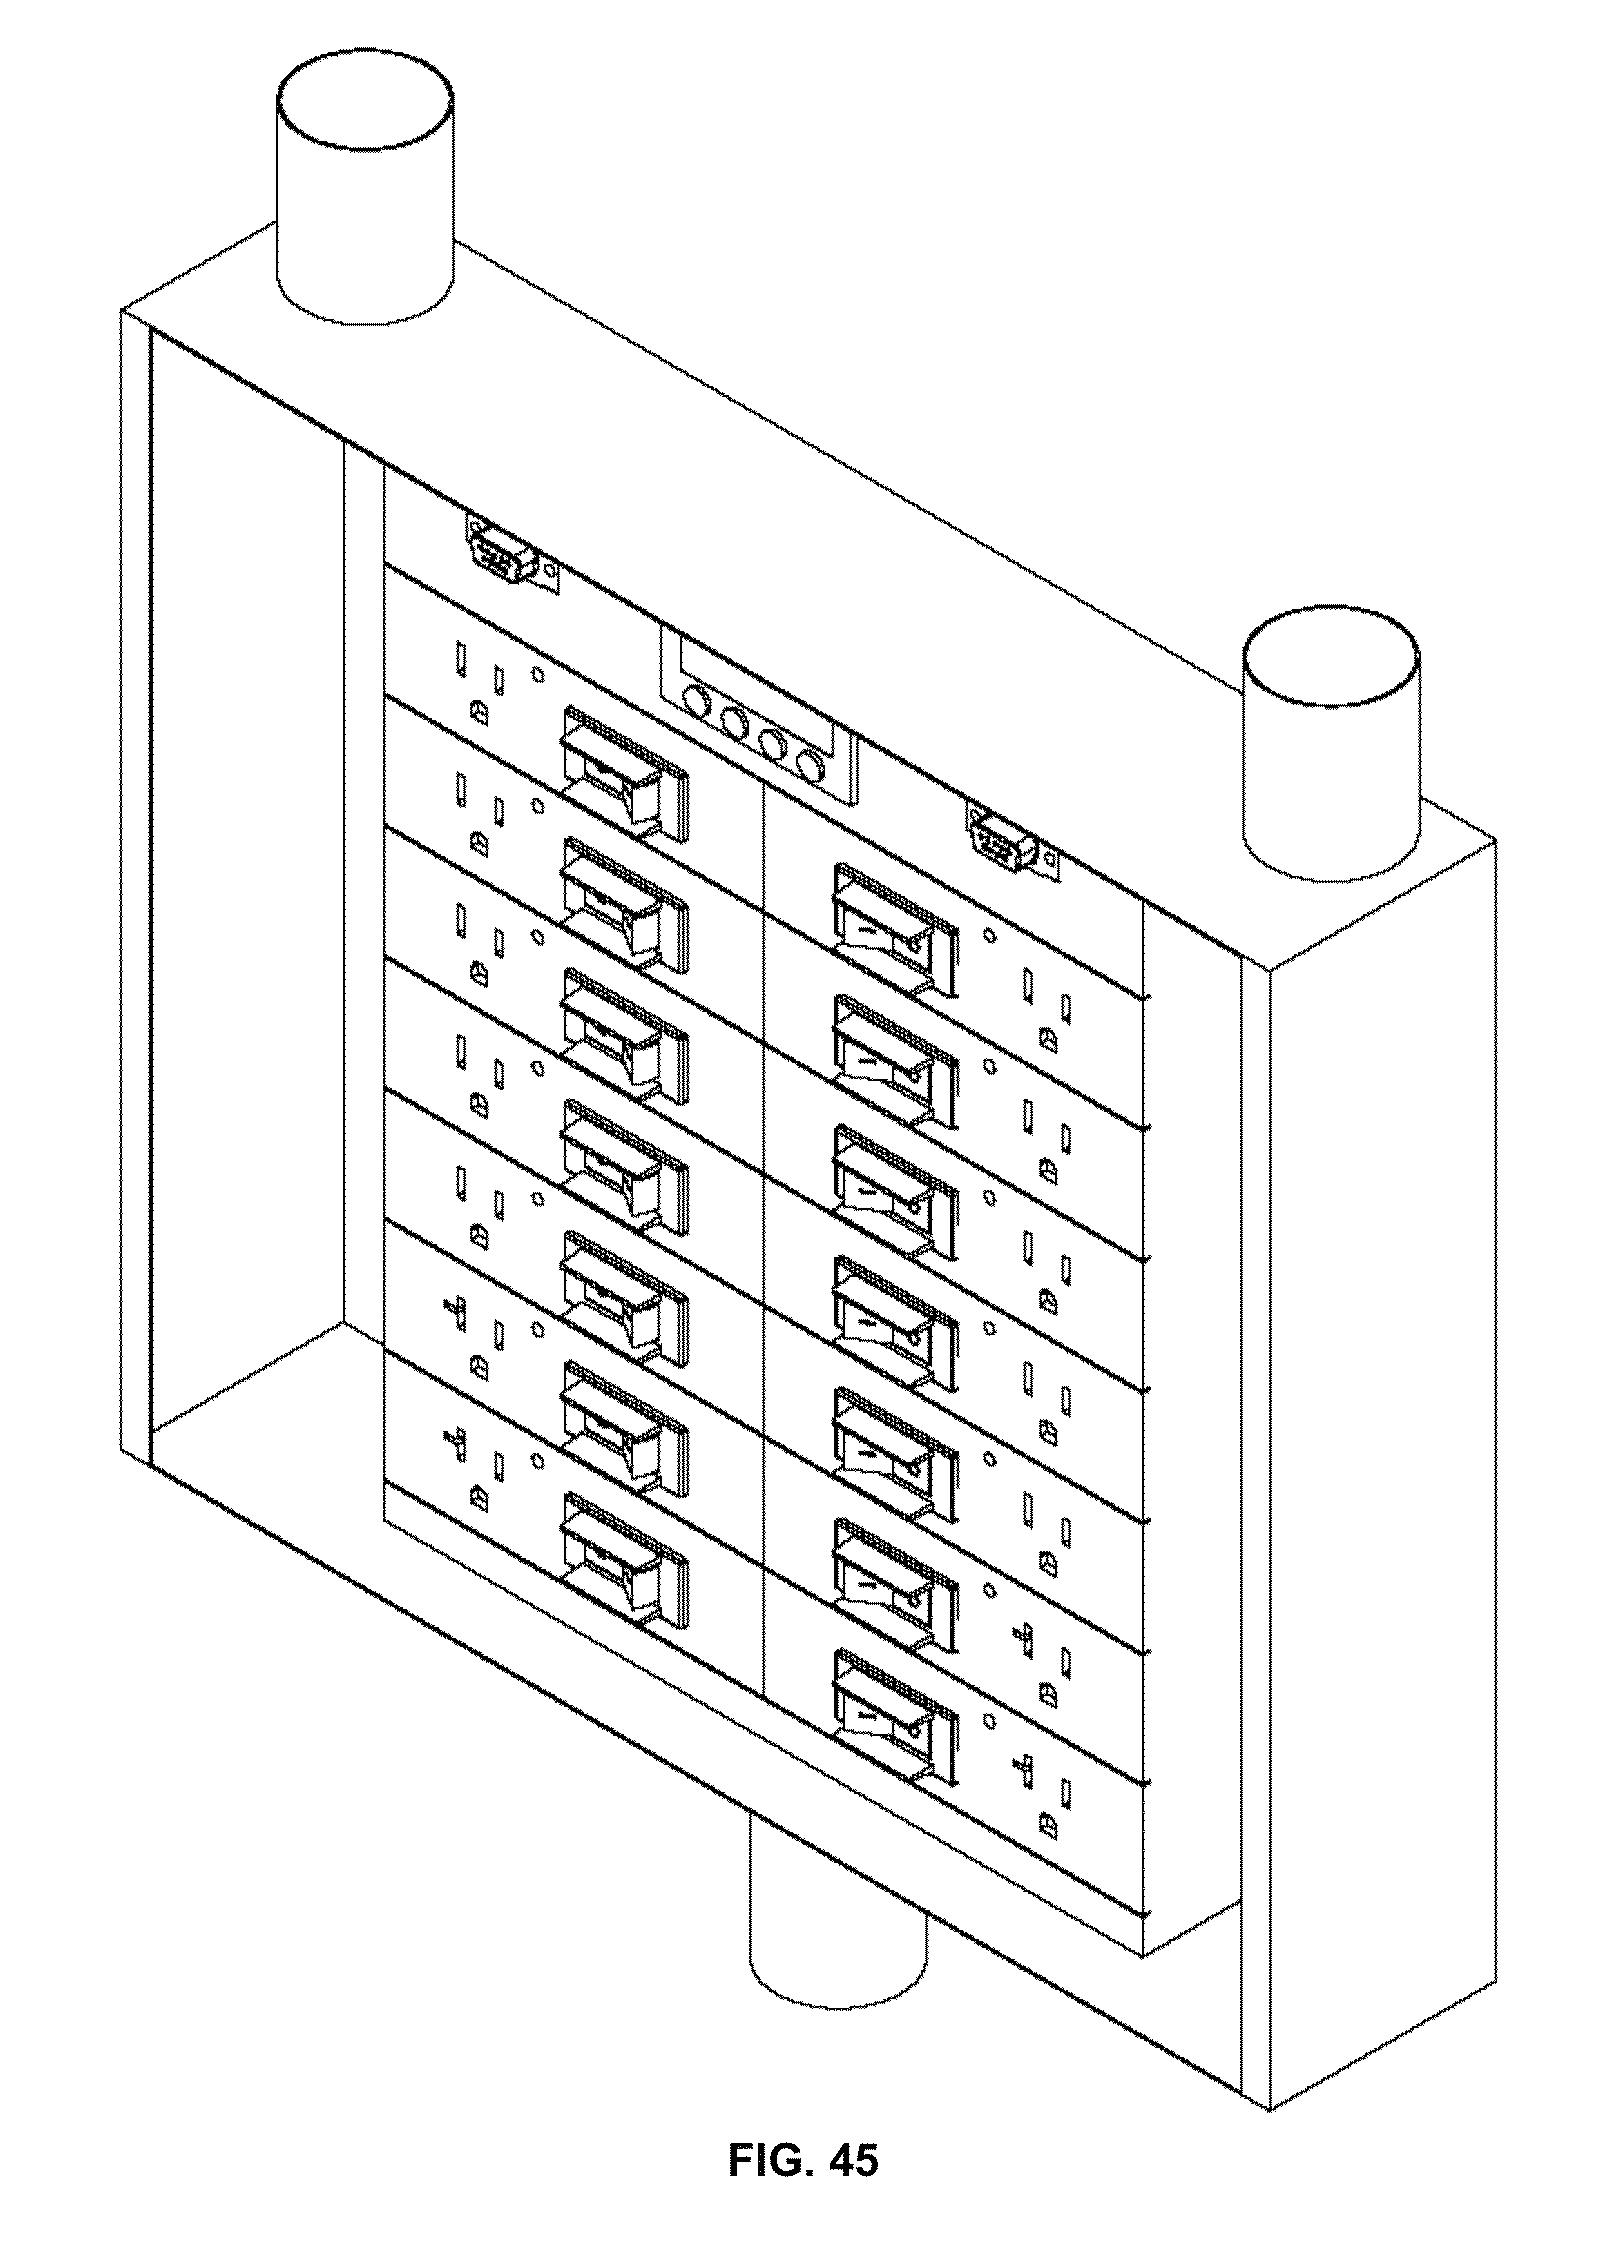 Berühmt l14 20r schaltplan bilder elektrische schaltplan ideen